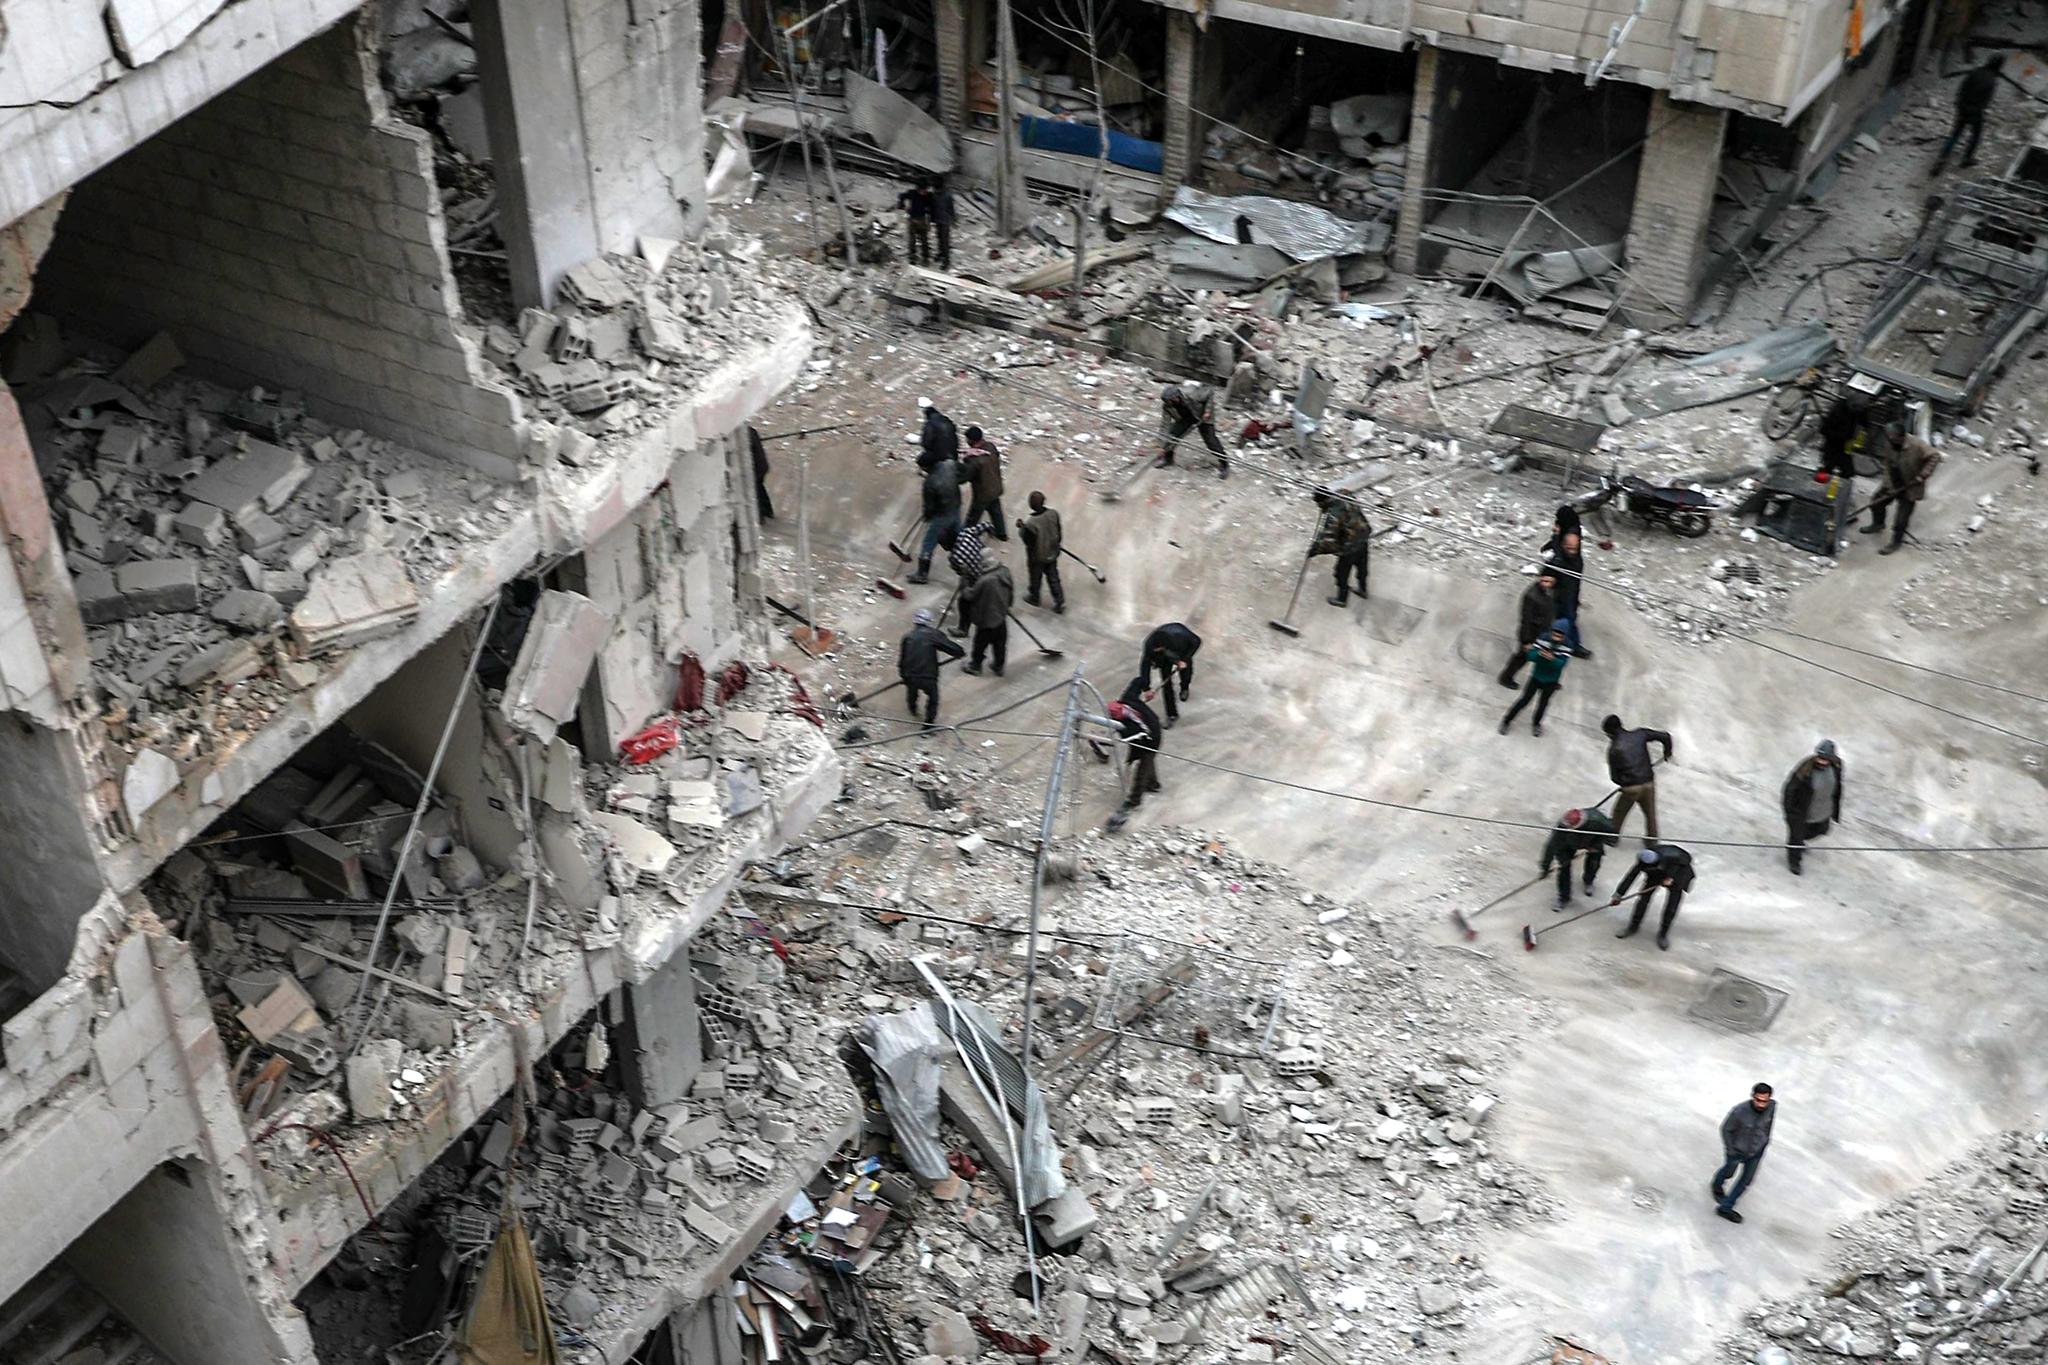 시리아 동부의 한 지역 주민들이 작년 2월 공중폭격으로 폐허가 된 마을을 정리하고 있다. 이 사진은 'Syria,No Exit'라는 주제의 스팟뉴스 스토리부문 2위상을 수상했다.[EPA=연합뉴스]